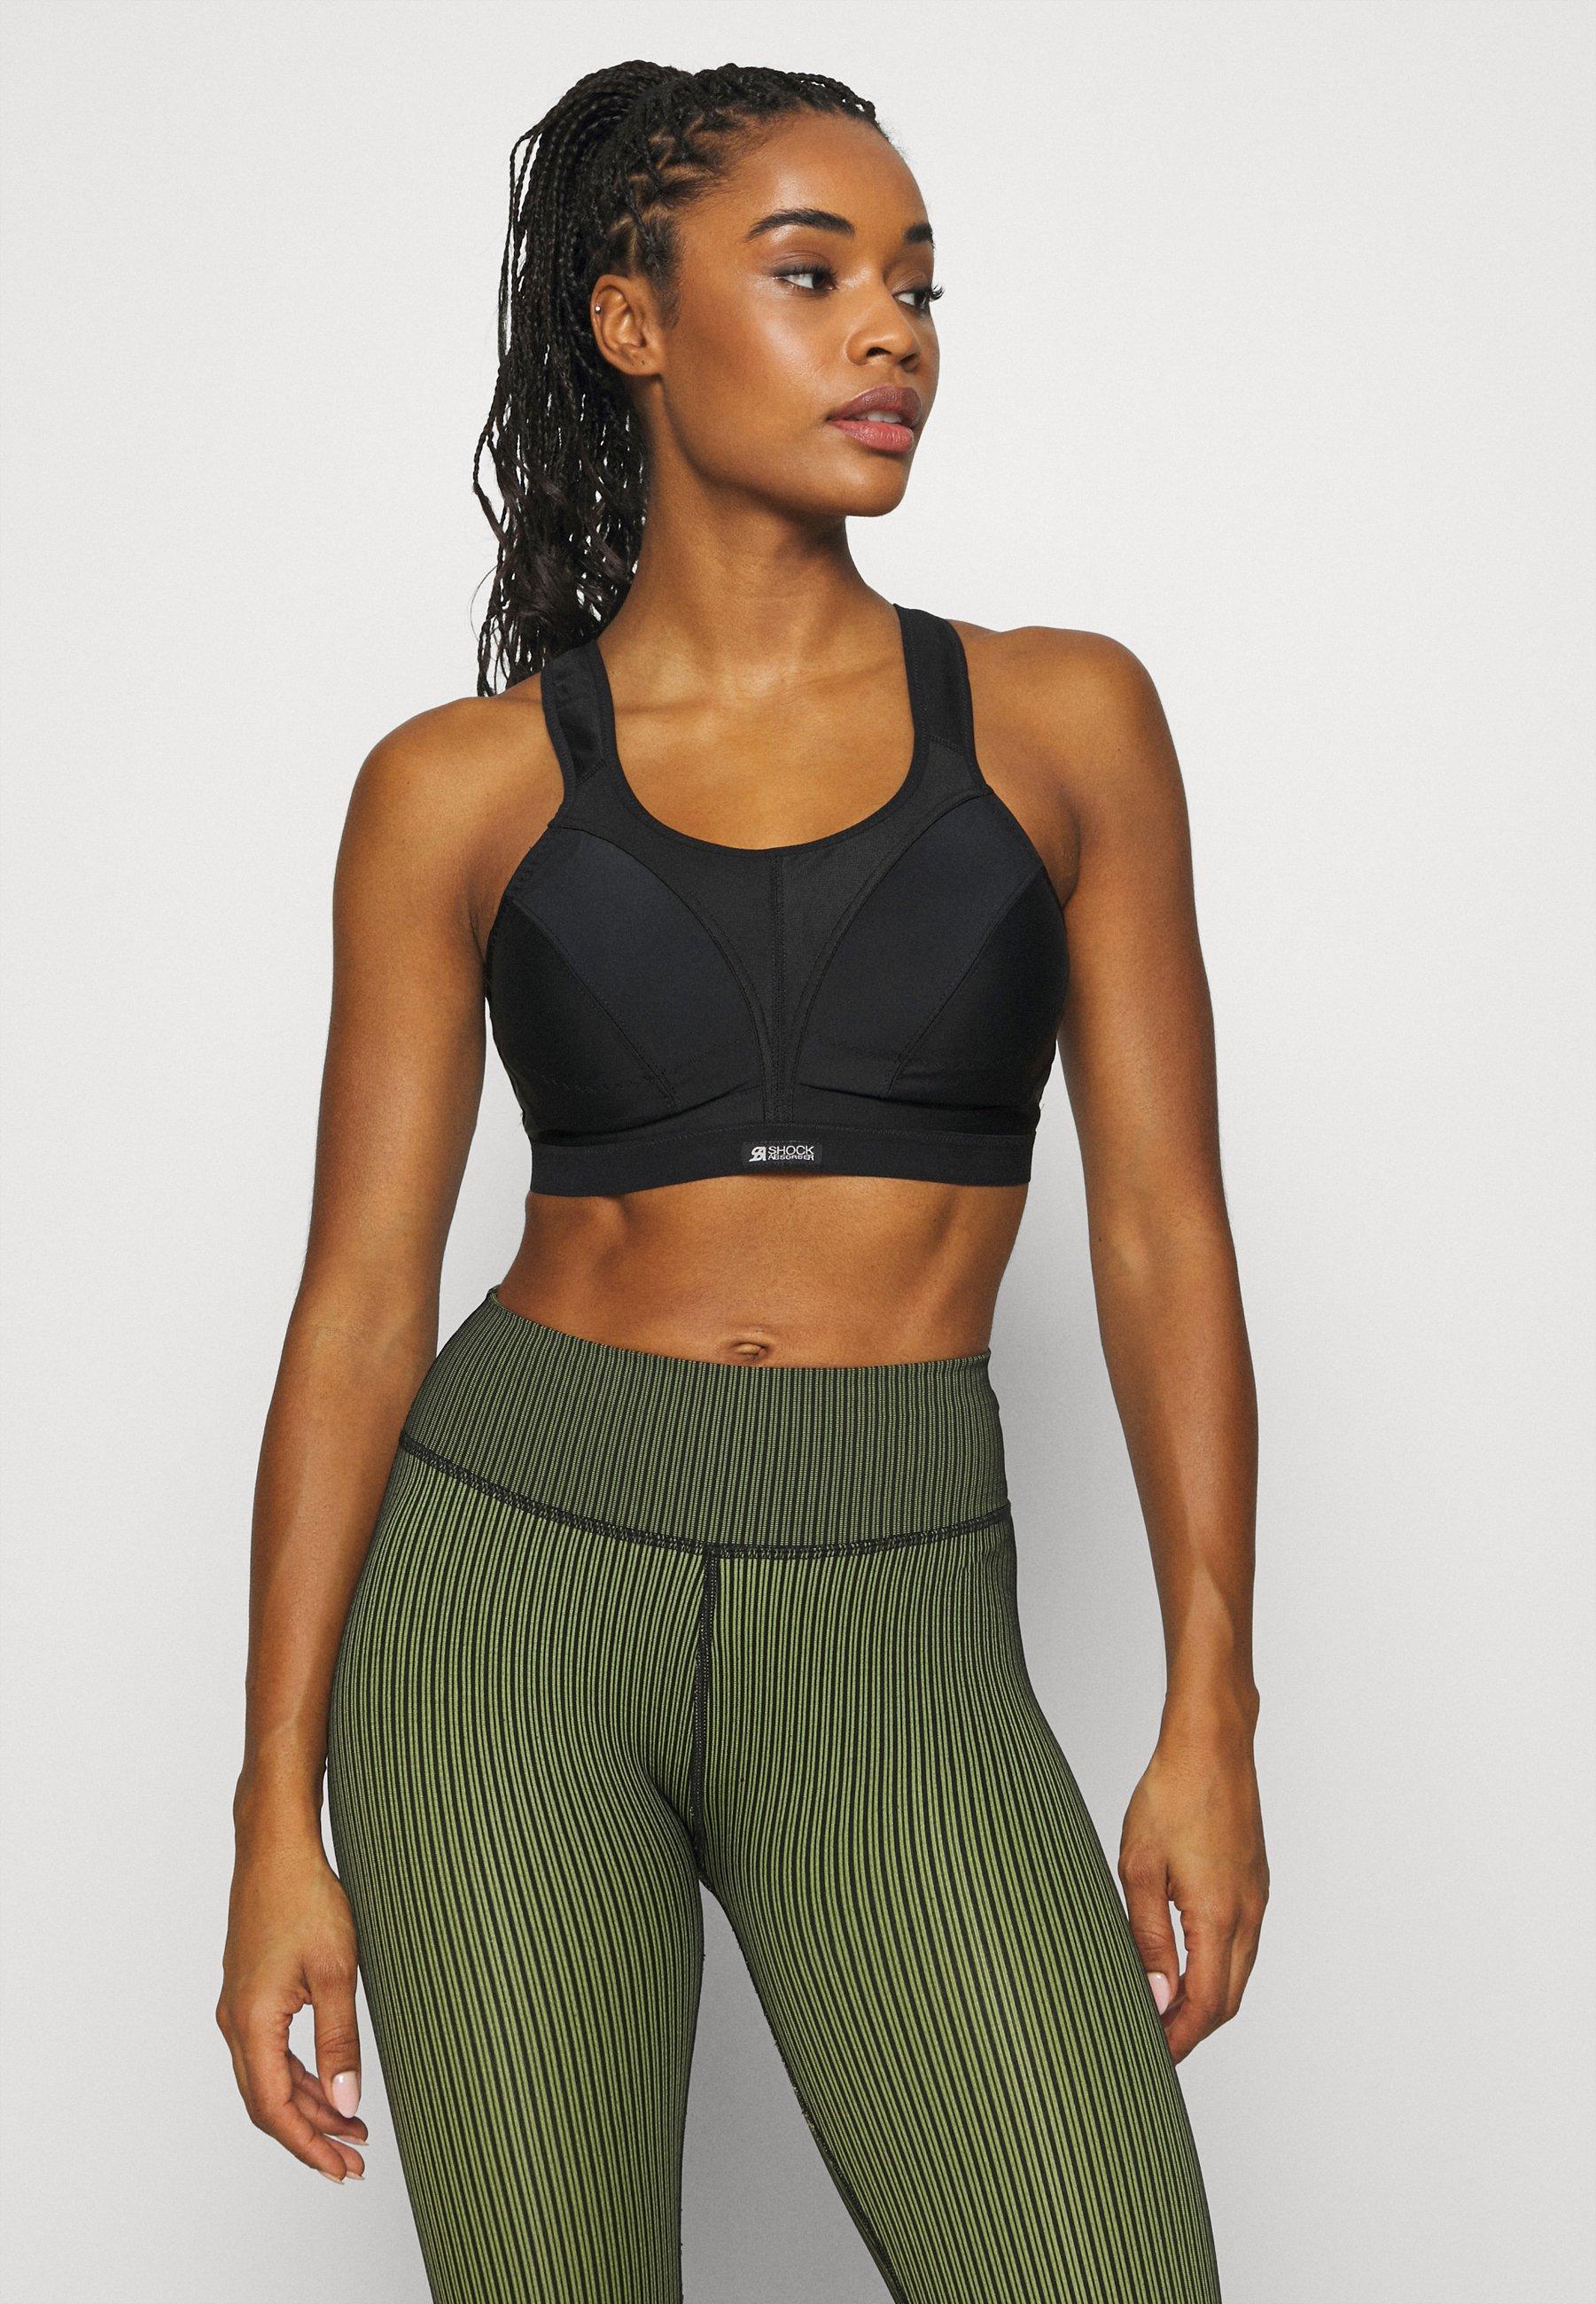 Women ACTIVE D + CLASSIC BRA - High support sports bra